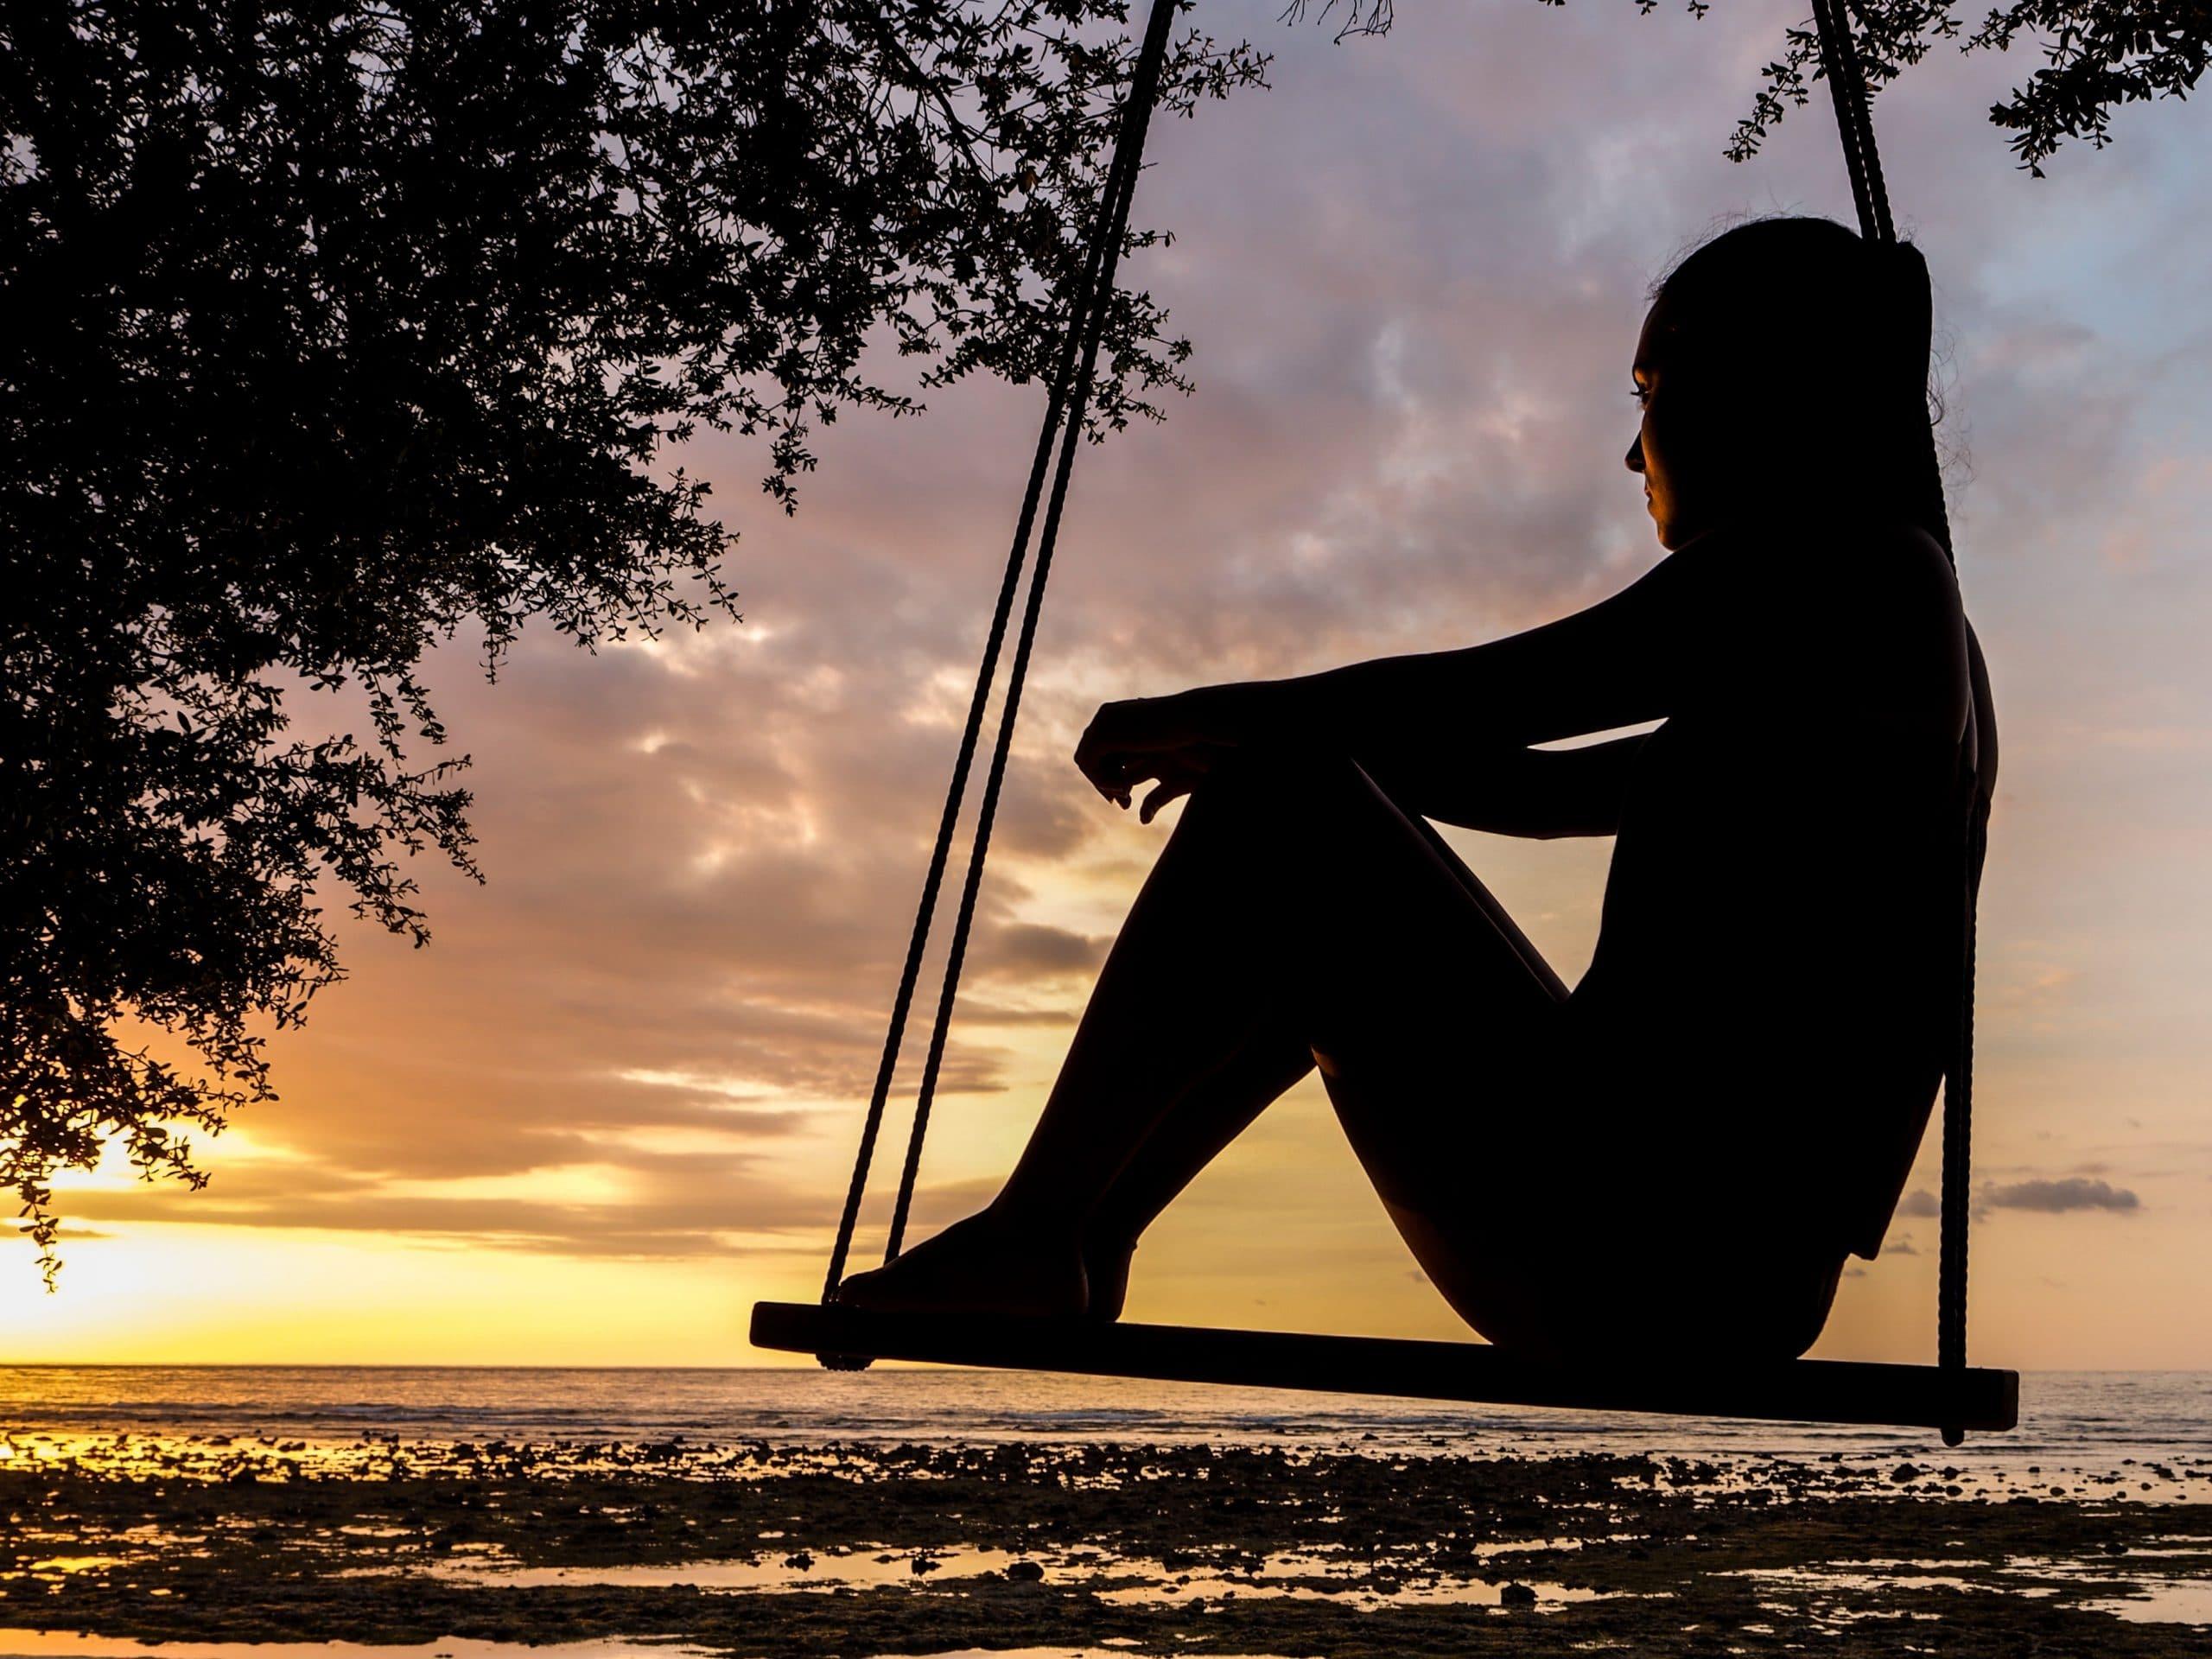 Mulher sentada sobre um balanço em uma árvore olhando a paisagem. Ela está com as costas encostadas em uma das cordas, os joelhos dobrados sob os braços em repouso. No horizonte, há o mar e o pôr-do-sol.